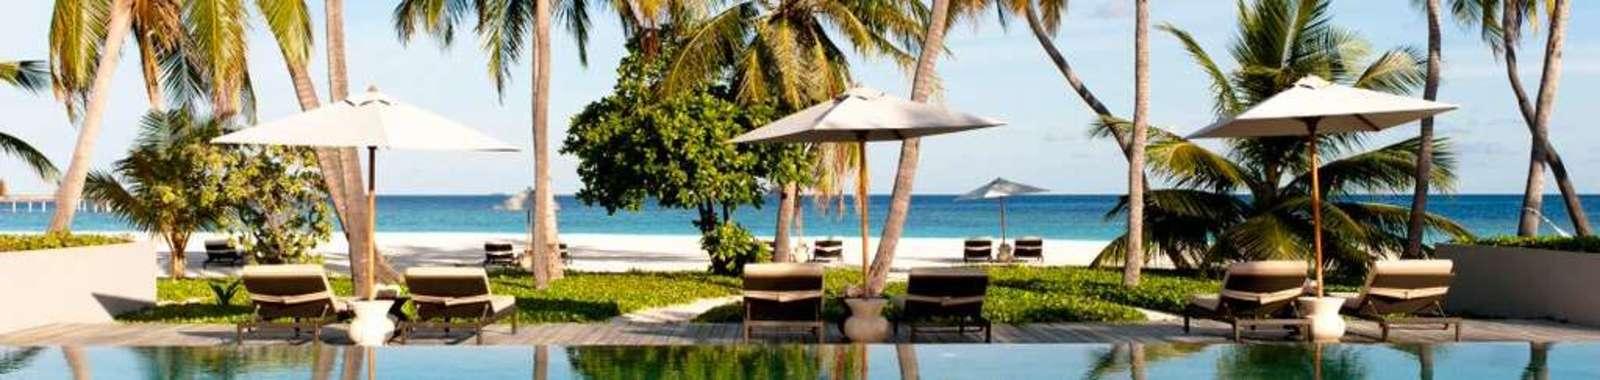 3ParkHyattHadahaa,Maldives